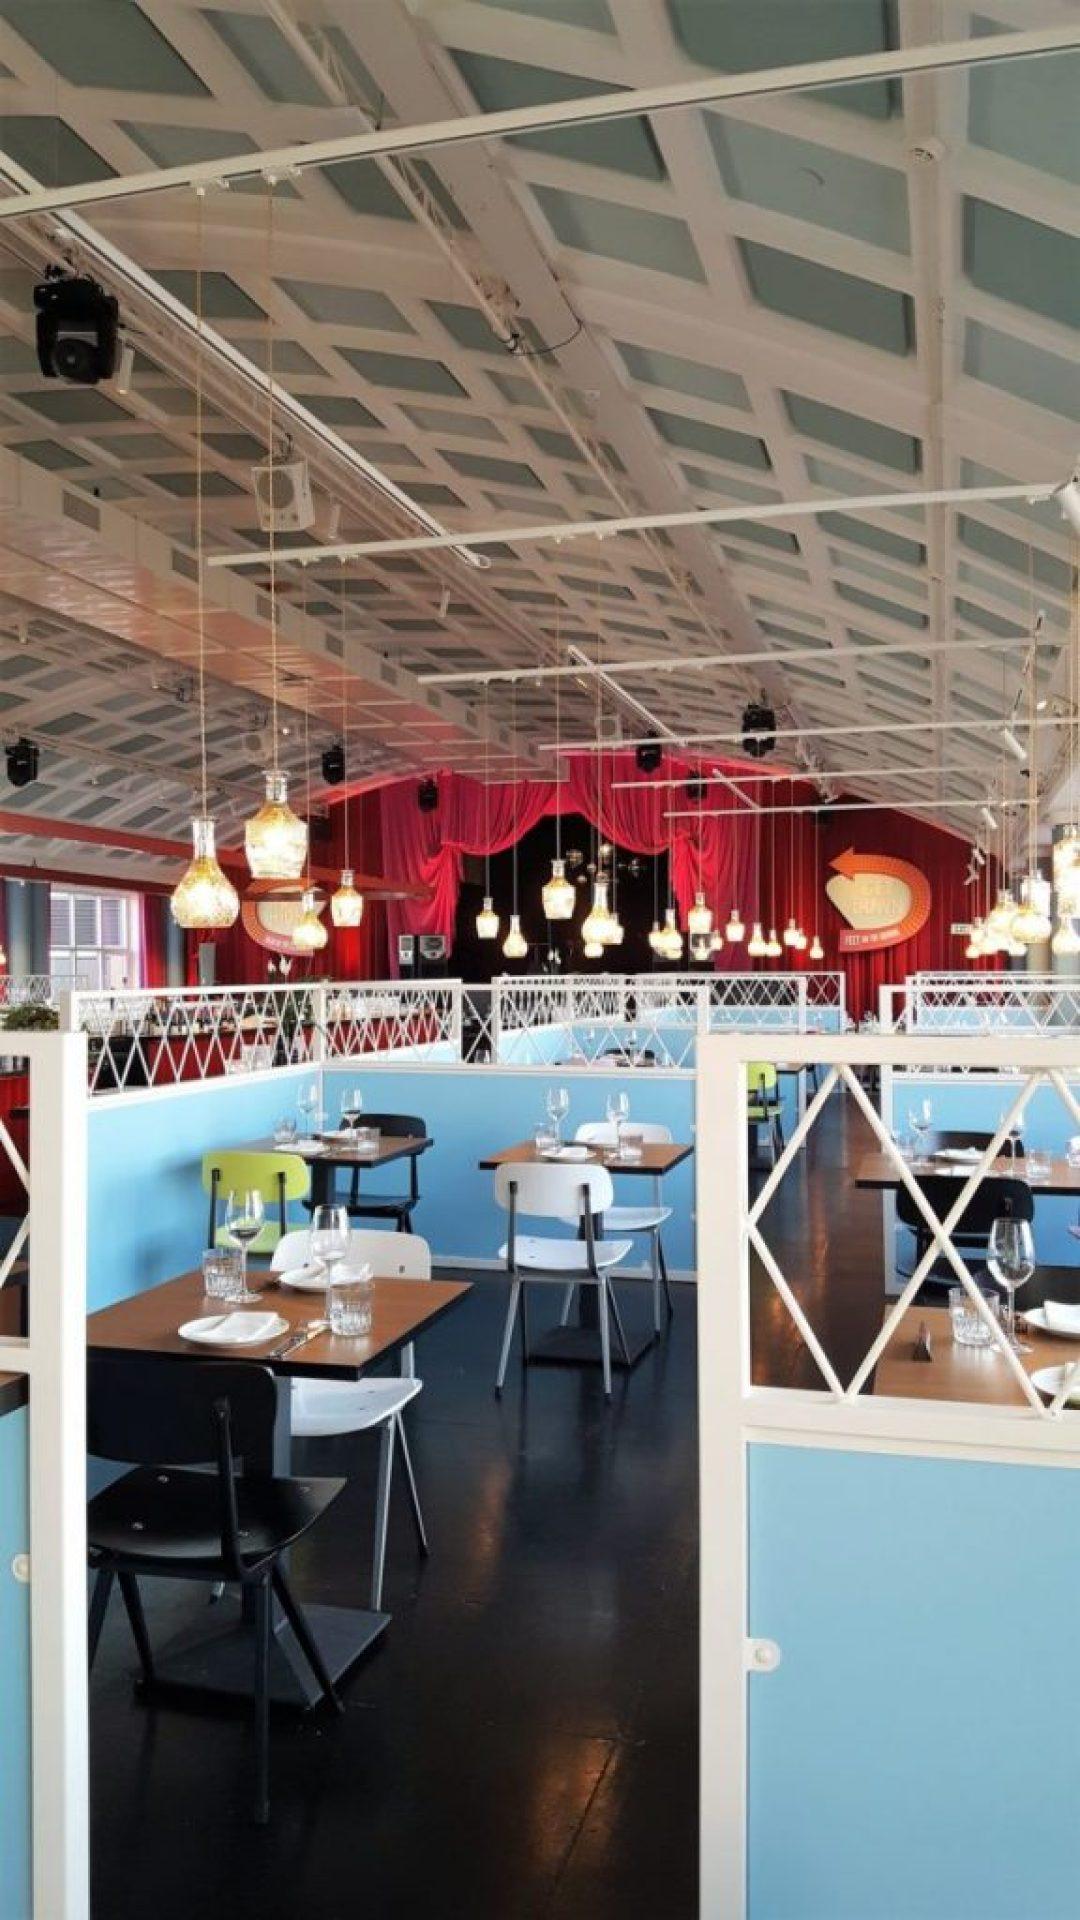 Bink rooftop bar en restaurant: interieur